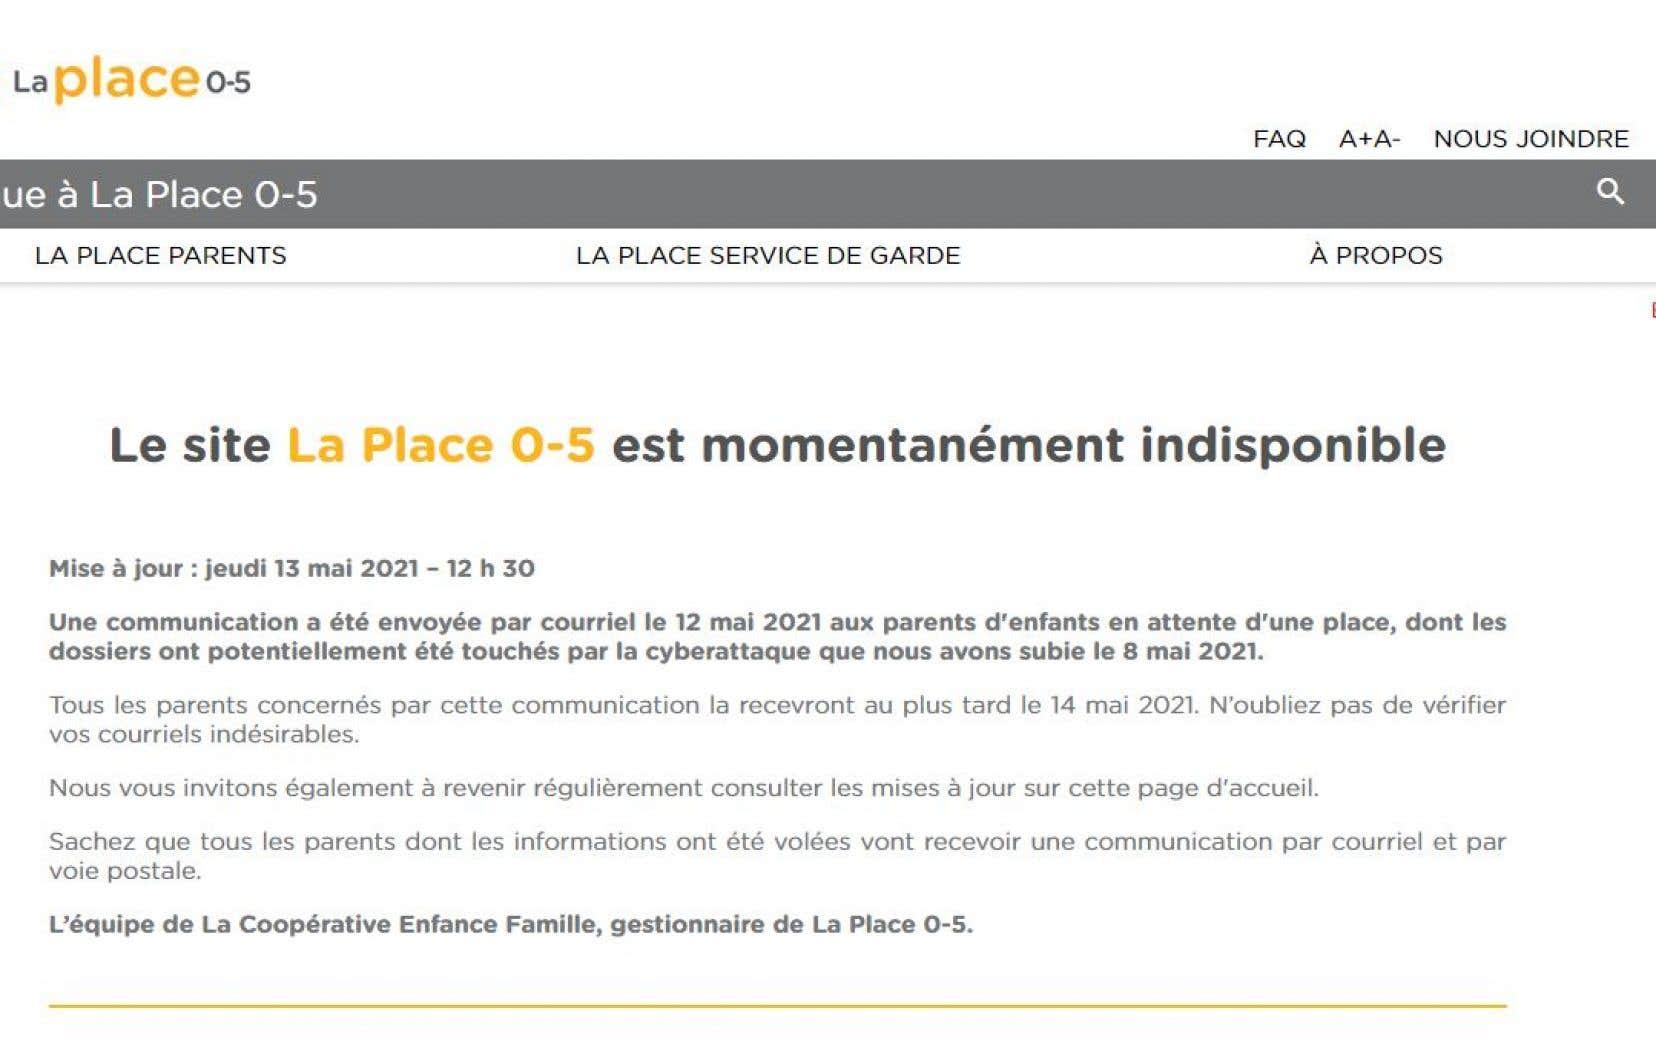 Cette directive survient en réponse à l'importante fuite de données qui a affecté la plateforme Place 0-5, qui sert de guichet unique pour obtenir une place dans un service de garde au Québec.